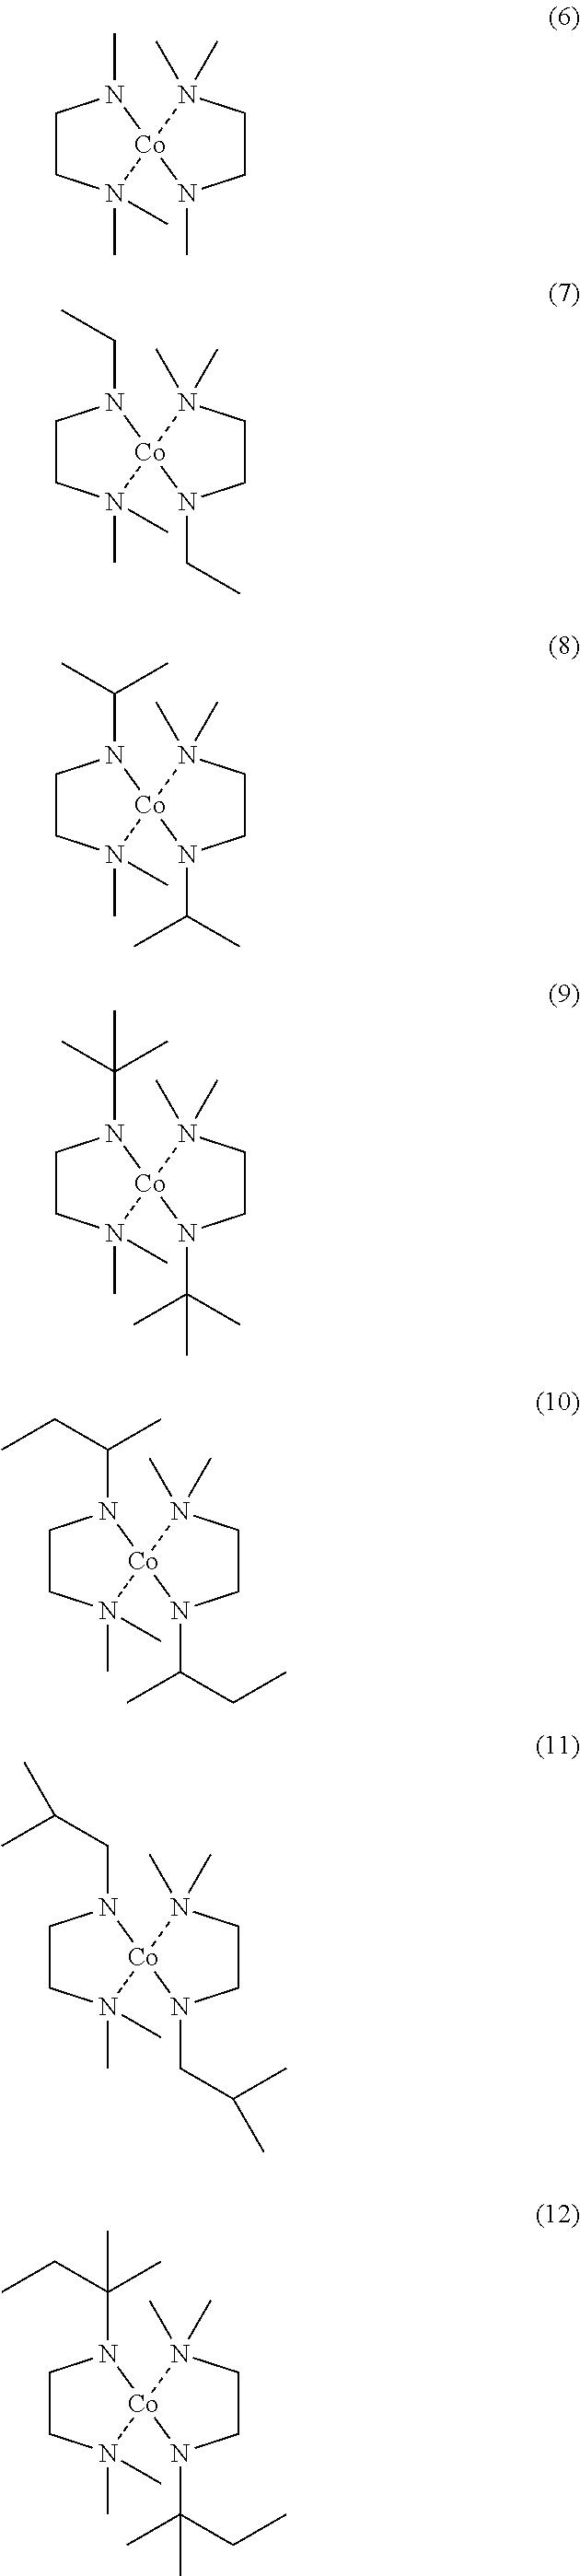 Figure US08871304-20141028-C00095